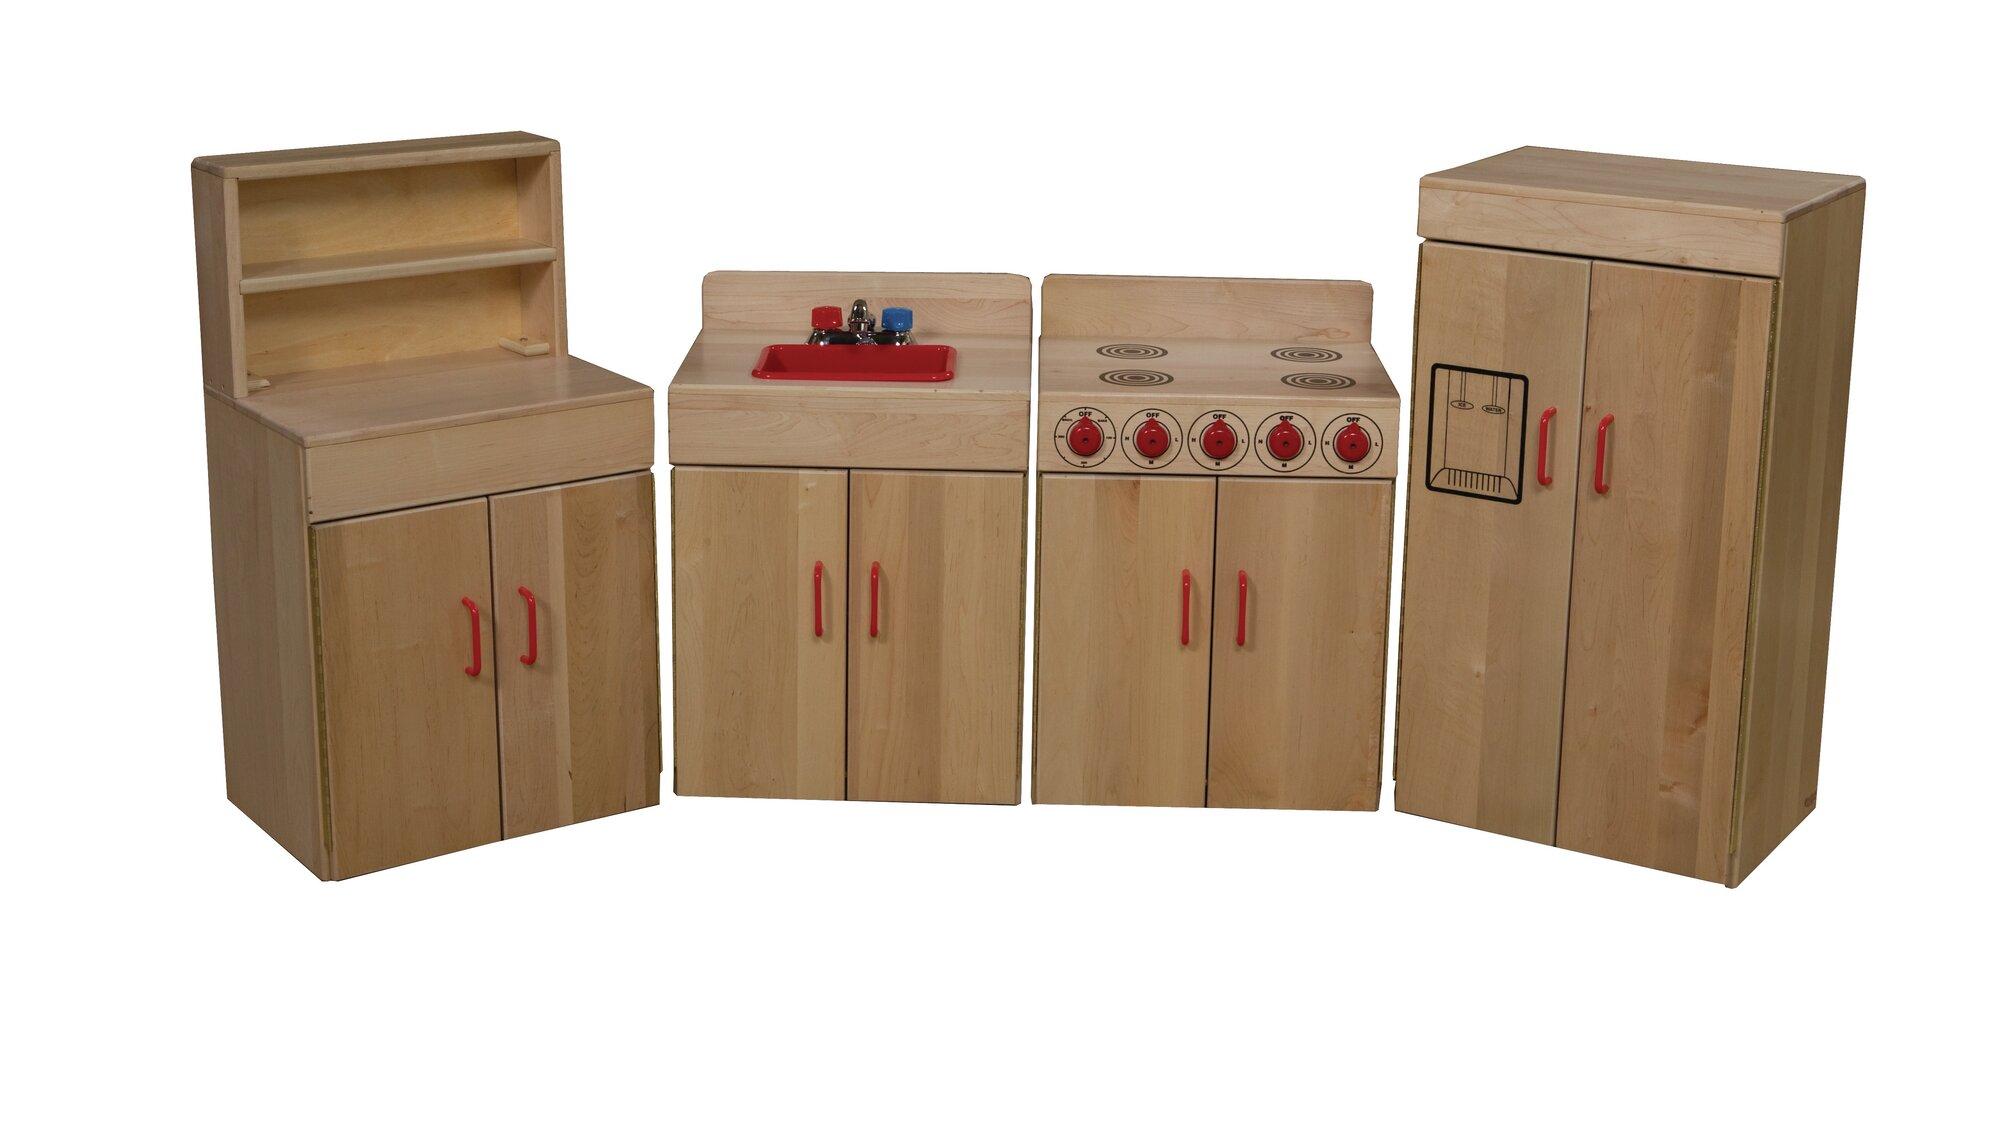 Wood designs heritage 4 piece maple kitchen appliance set for Maple wood kitchen designs